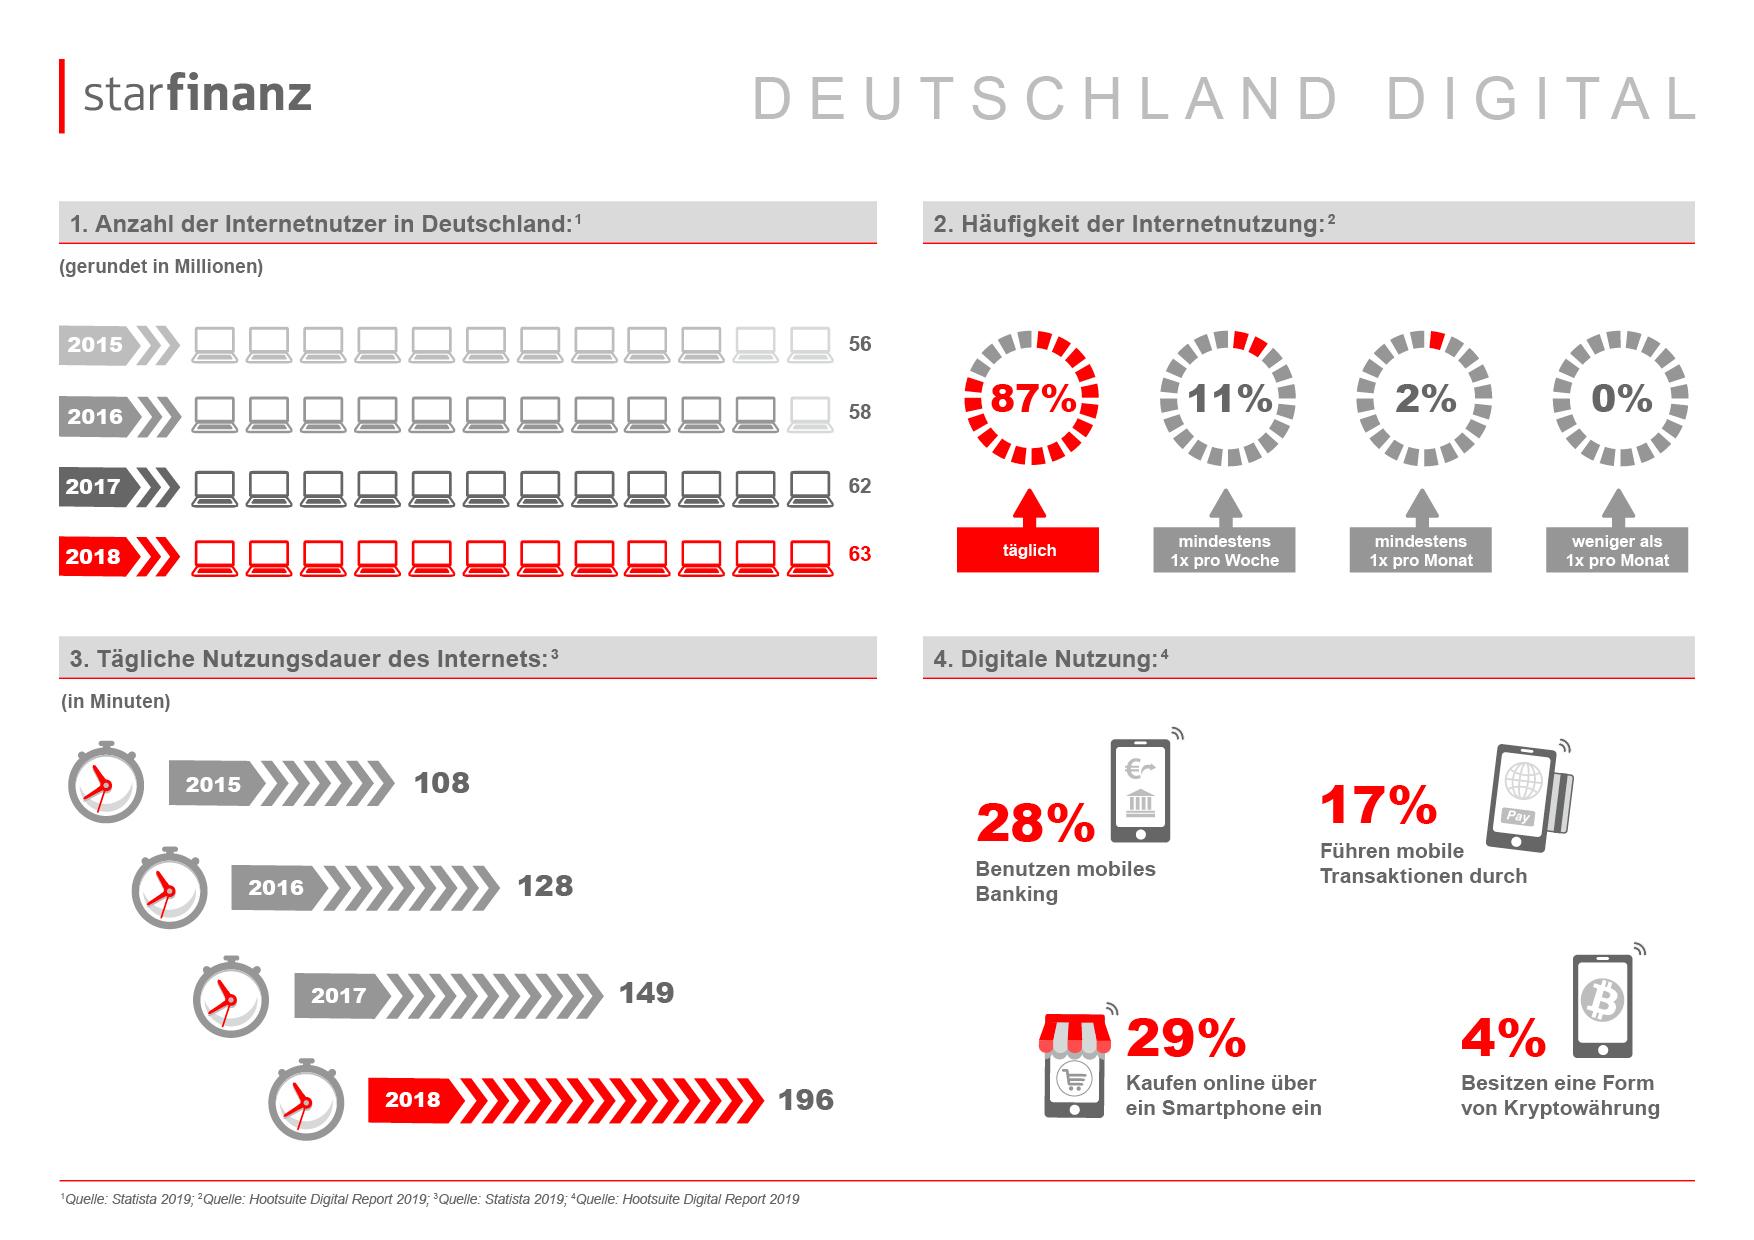 Immer mehr Deutsche verbringen immer mehr Zeit online 6